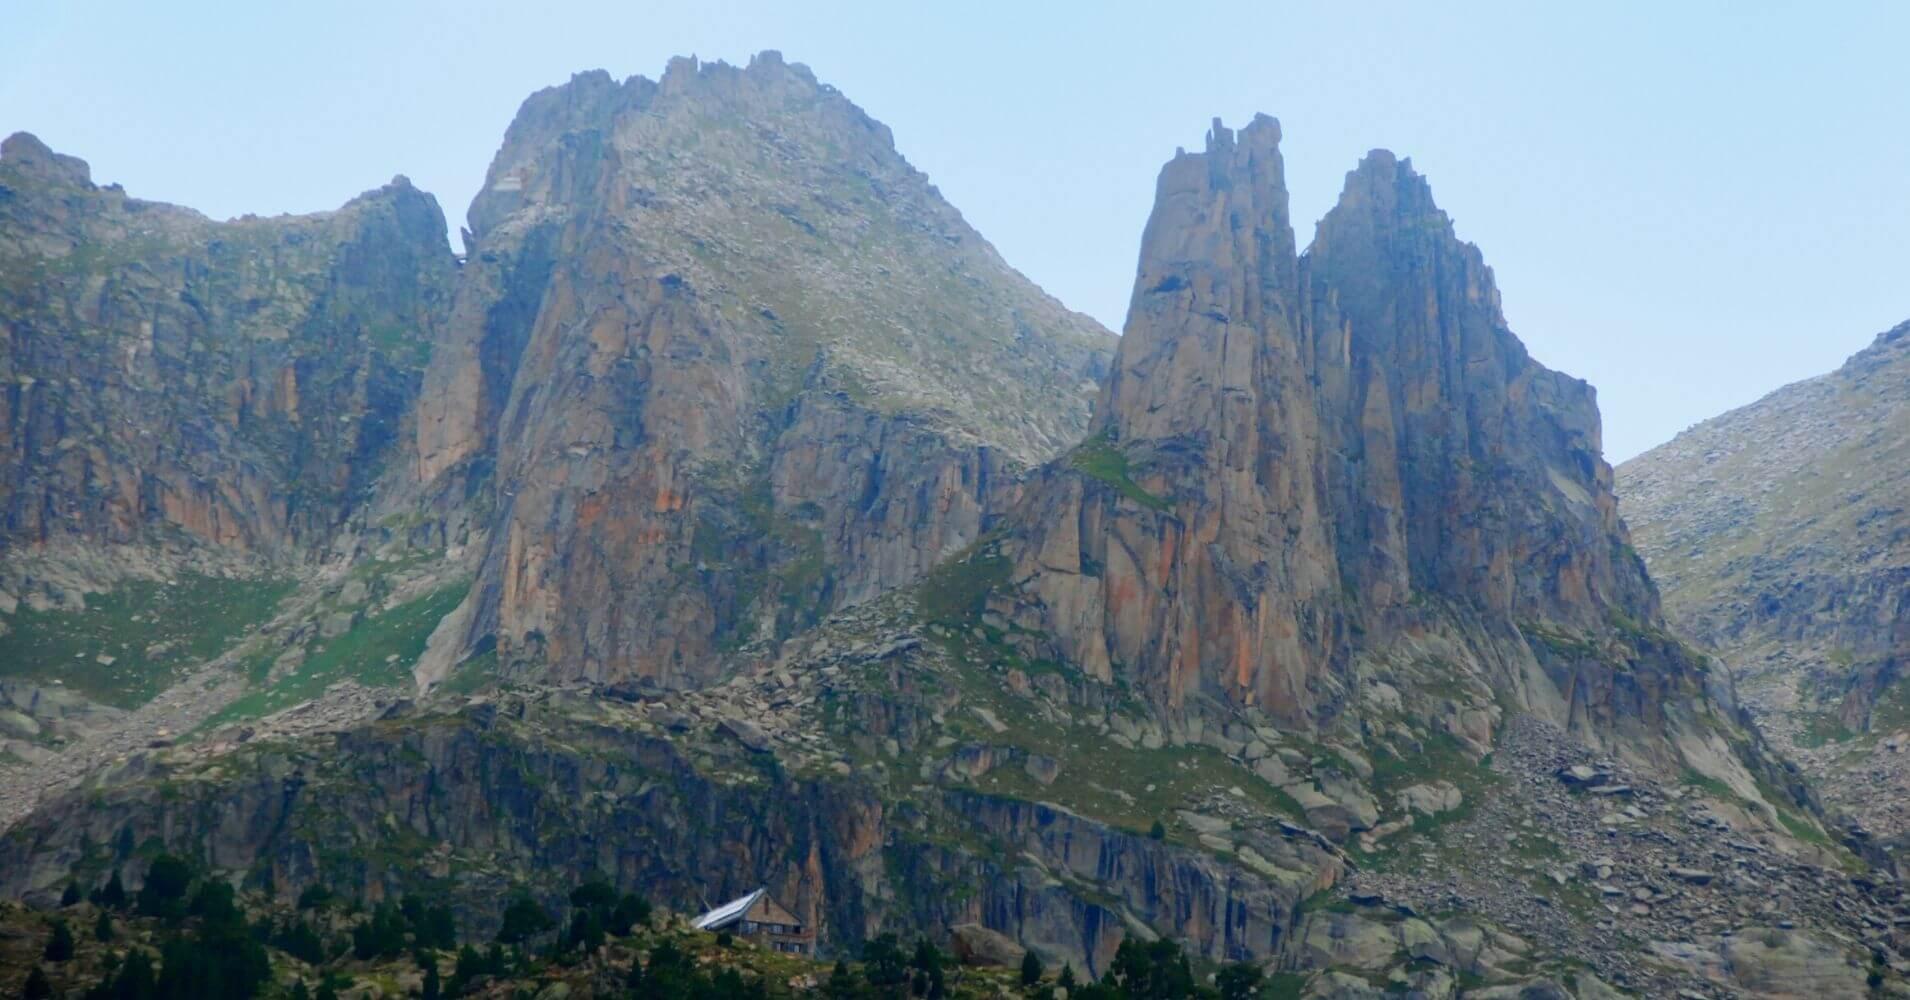 Refugio y Agujas de Amitges. Parque Nacional de Aigües Tortes. Lérida, Cataluña.